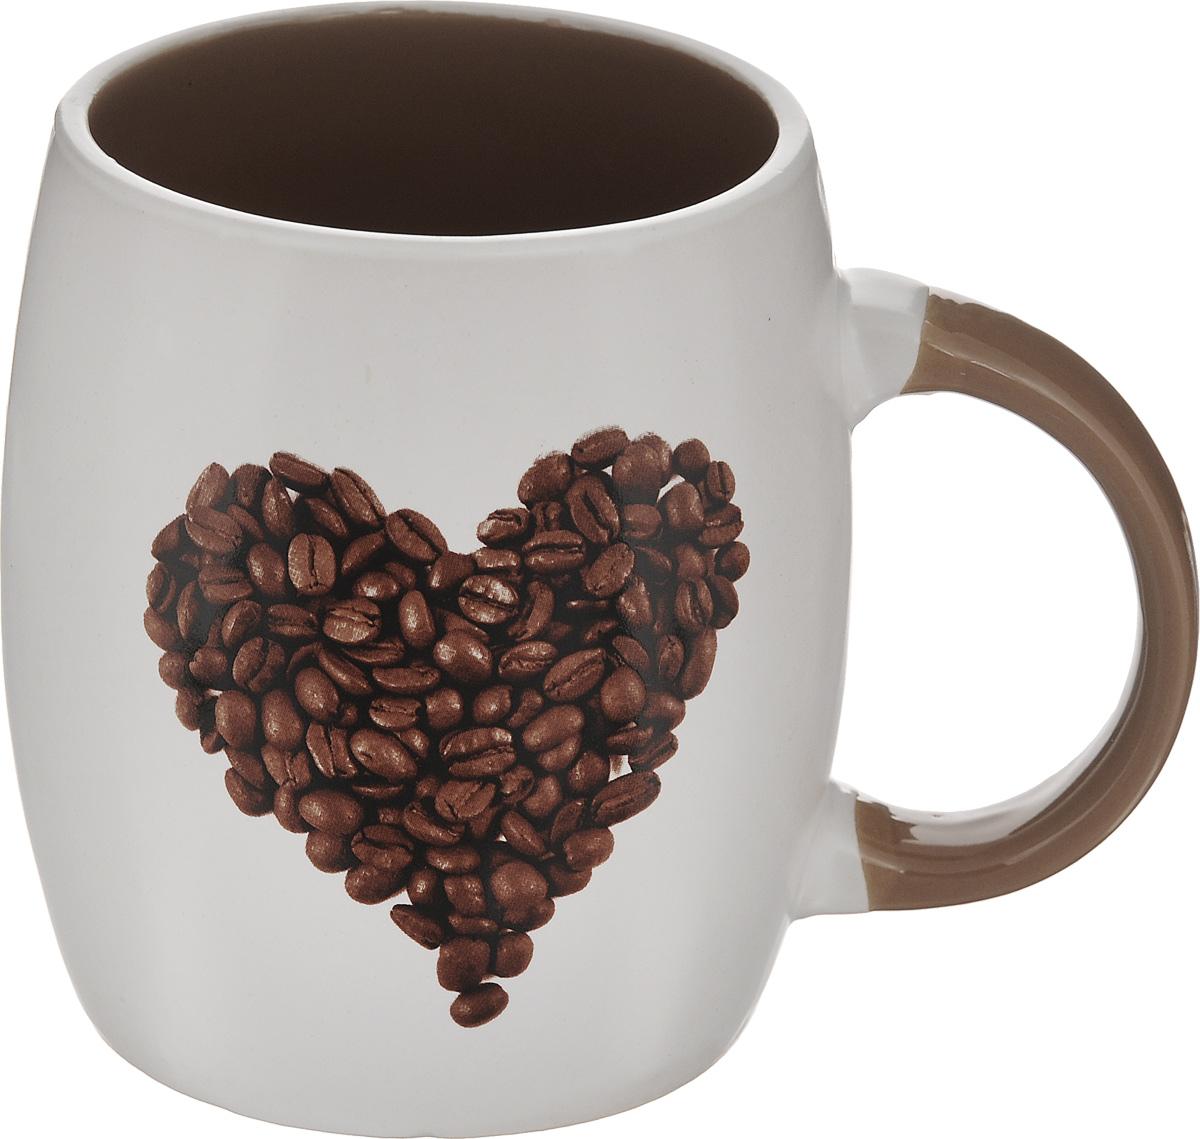 Кружка Walmer I Love Coffee, 380 млW09220038Кружка Walmer I Love Coffee изготовлена из высококачественного фарфора. Такая кружка прекрасно оформит стол к чаепитию и станет его неизменным атрибутом. Не рекомендуется применять абразивные моющие средства. Диаметр (по верхнему краю): 8 см. Высота: 10,5 см.